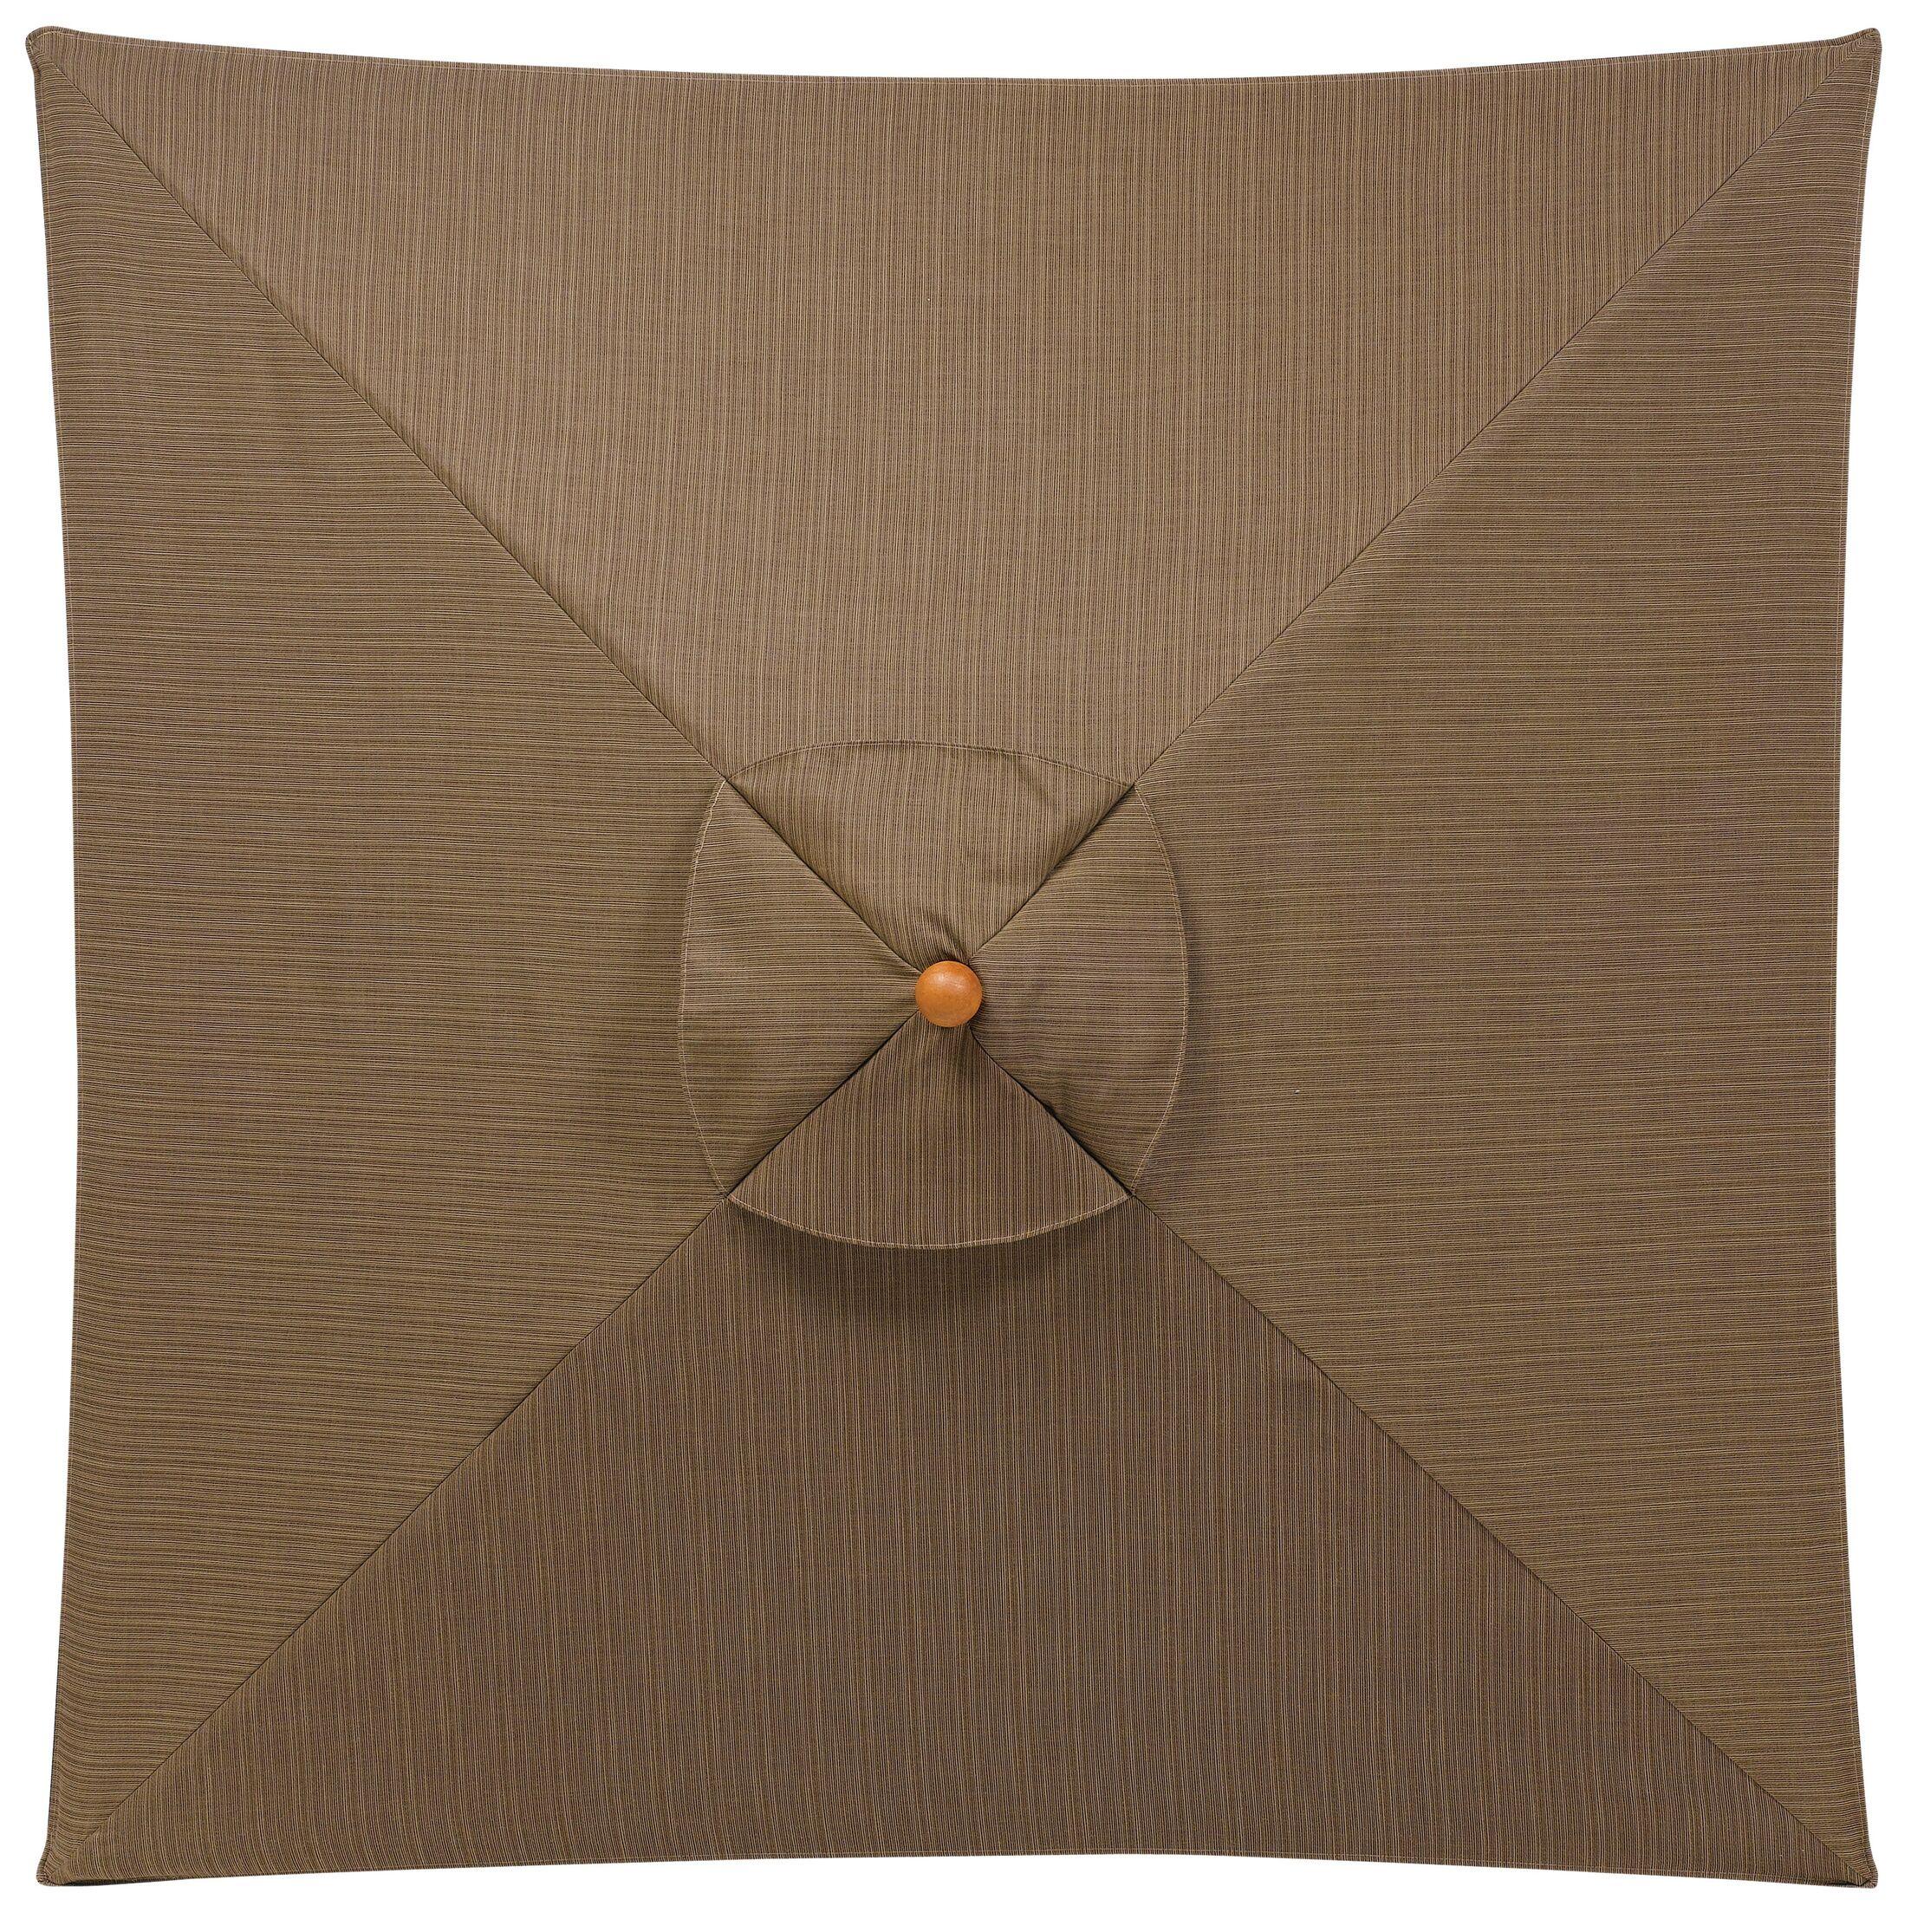 6' Oxford Square Market Umbrella Fabric: Dupione Walnut